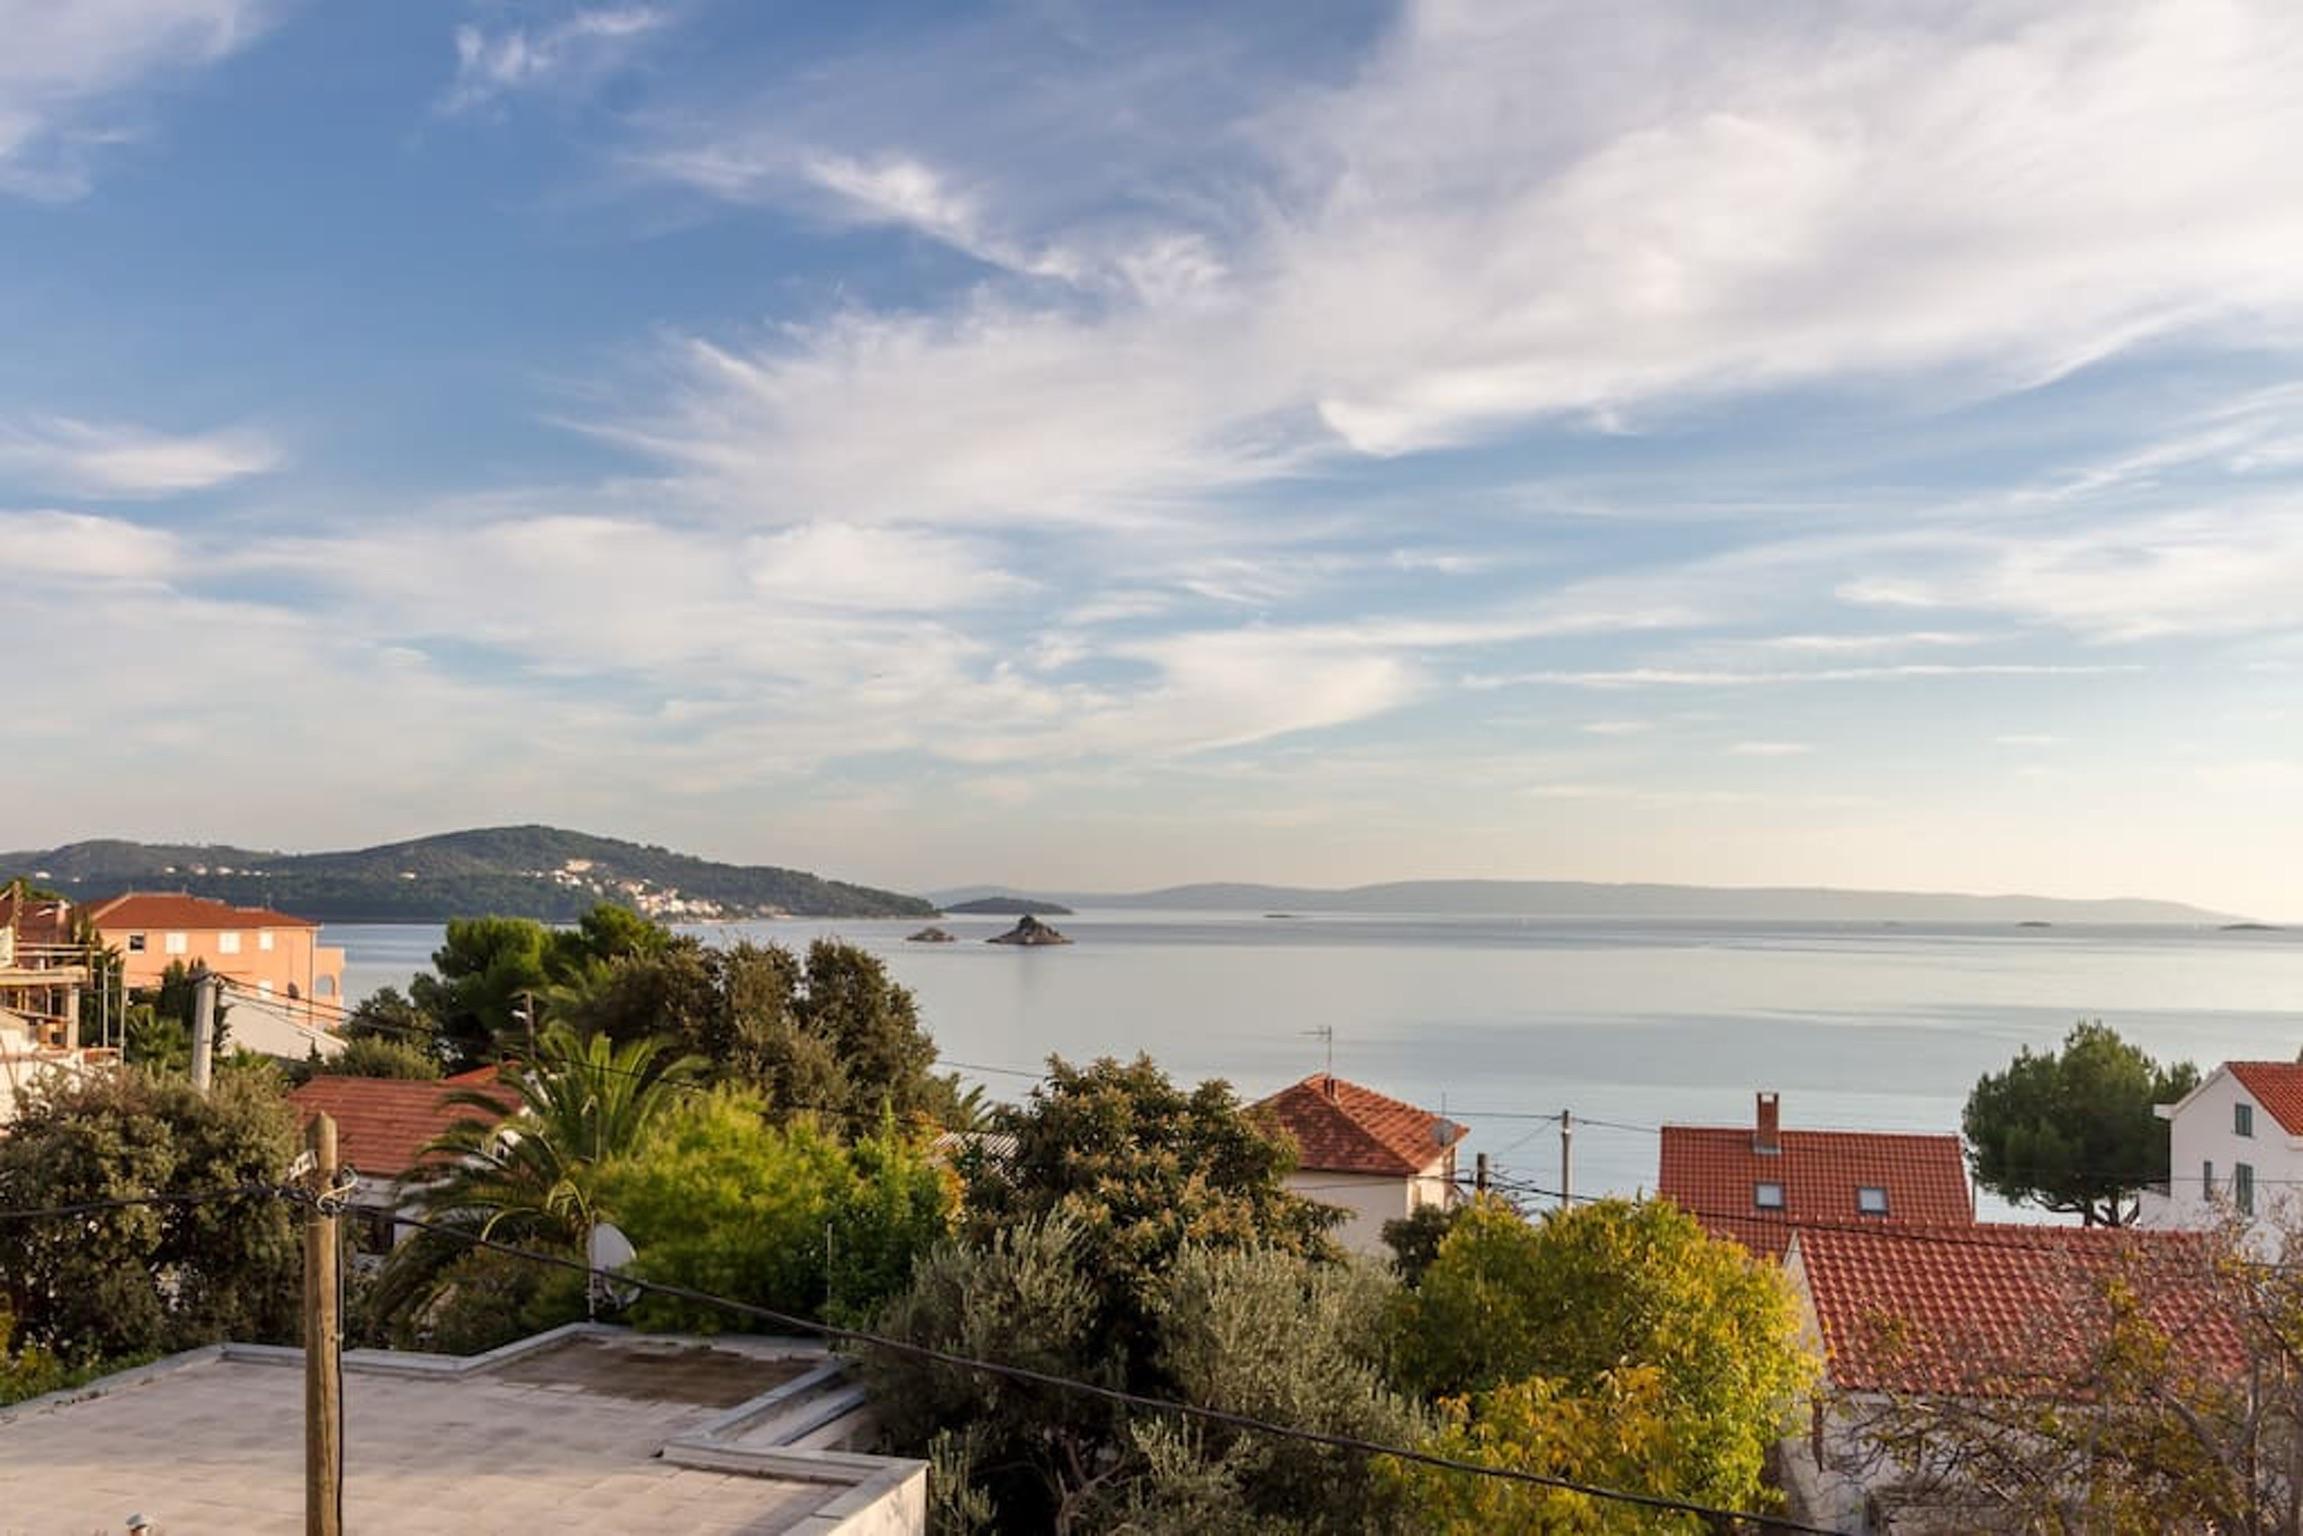 Ferienwohnung Wohnung mit 3 Zimmern in Seget Vranjica mit herrlichem Meerblick und eingezäuntem Garten - (2339638), Seget Donji, , Dalmatien, Kroatien, Bild 15